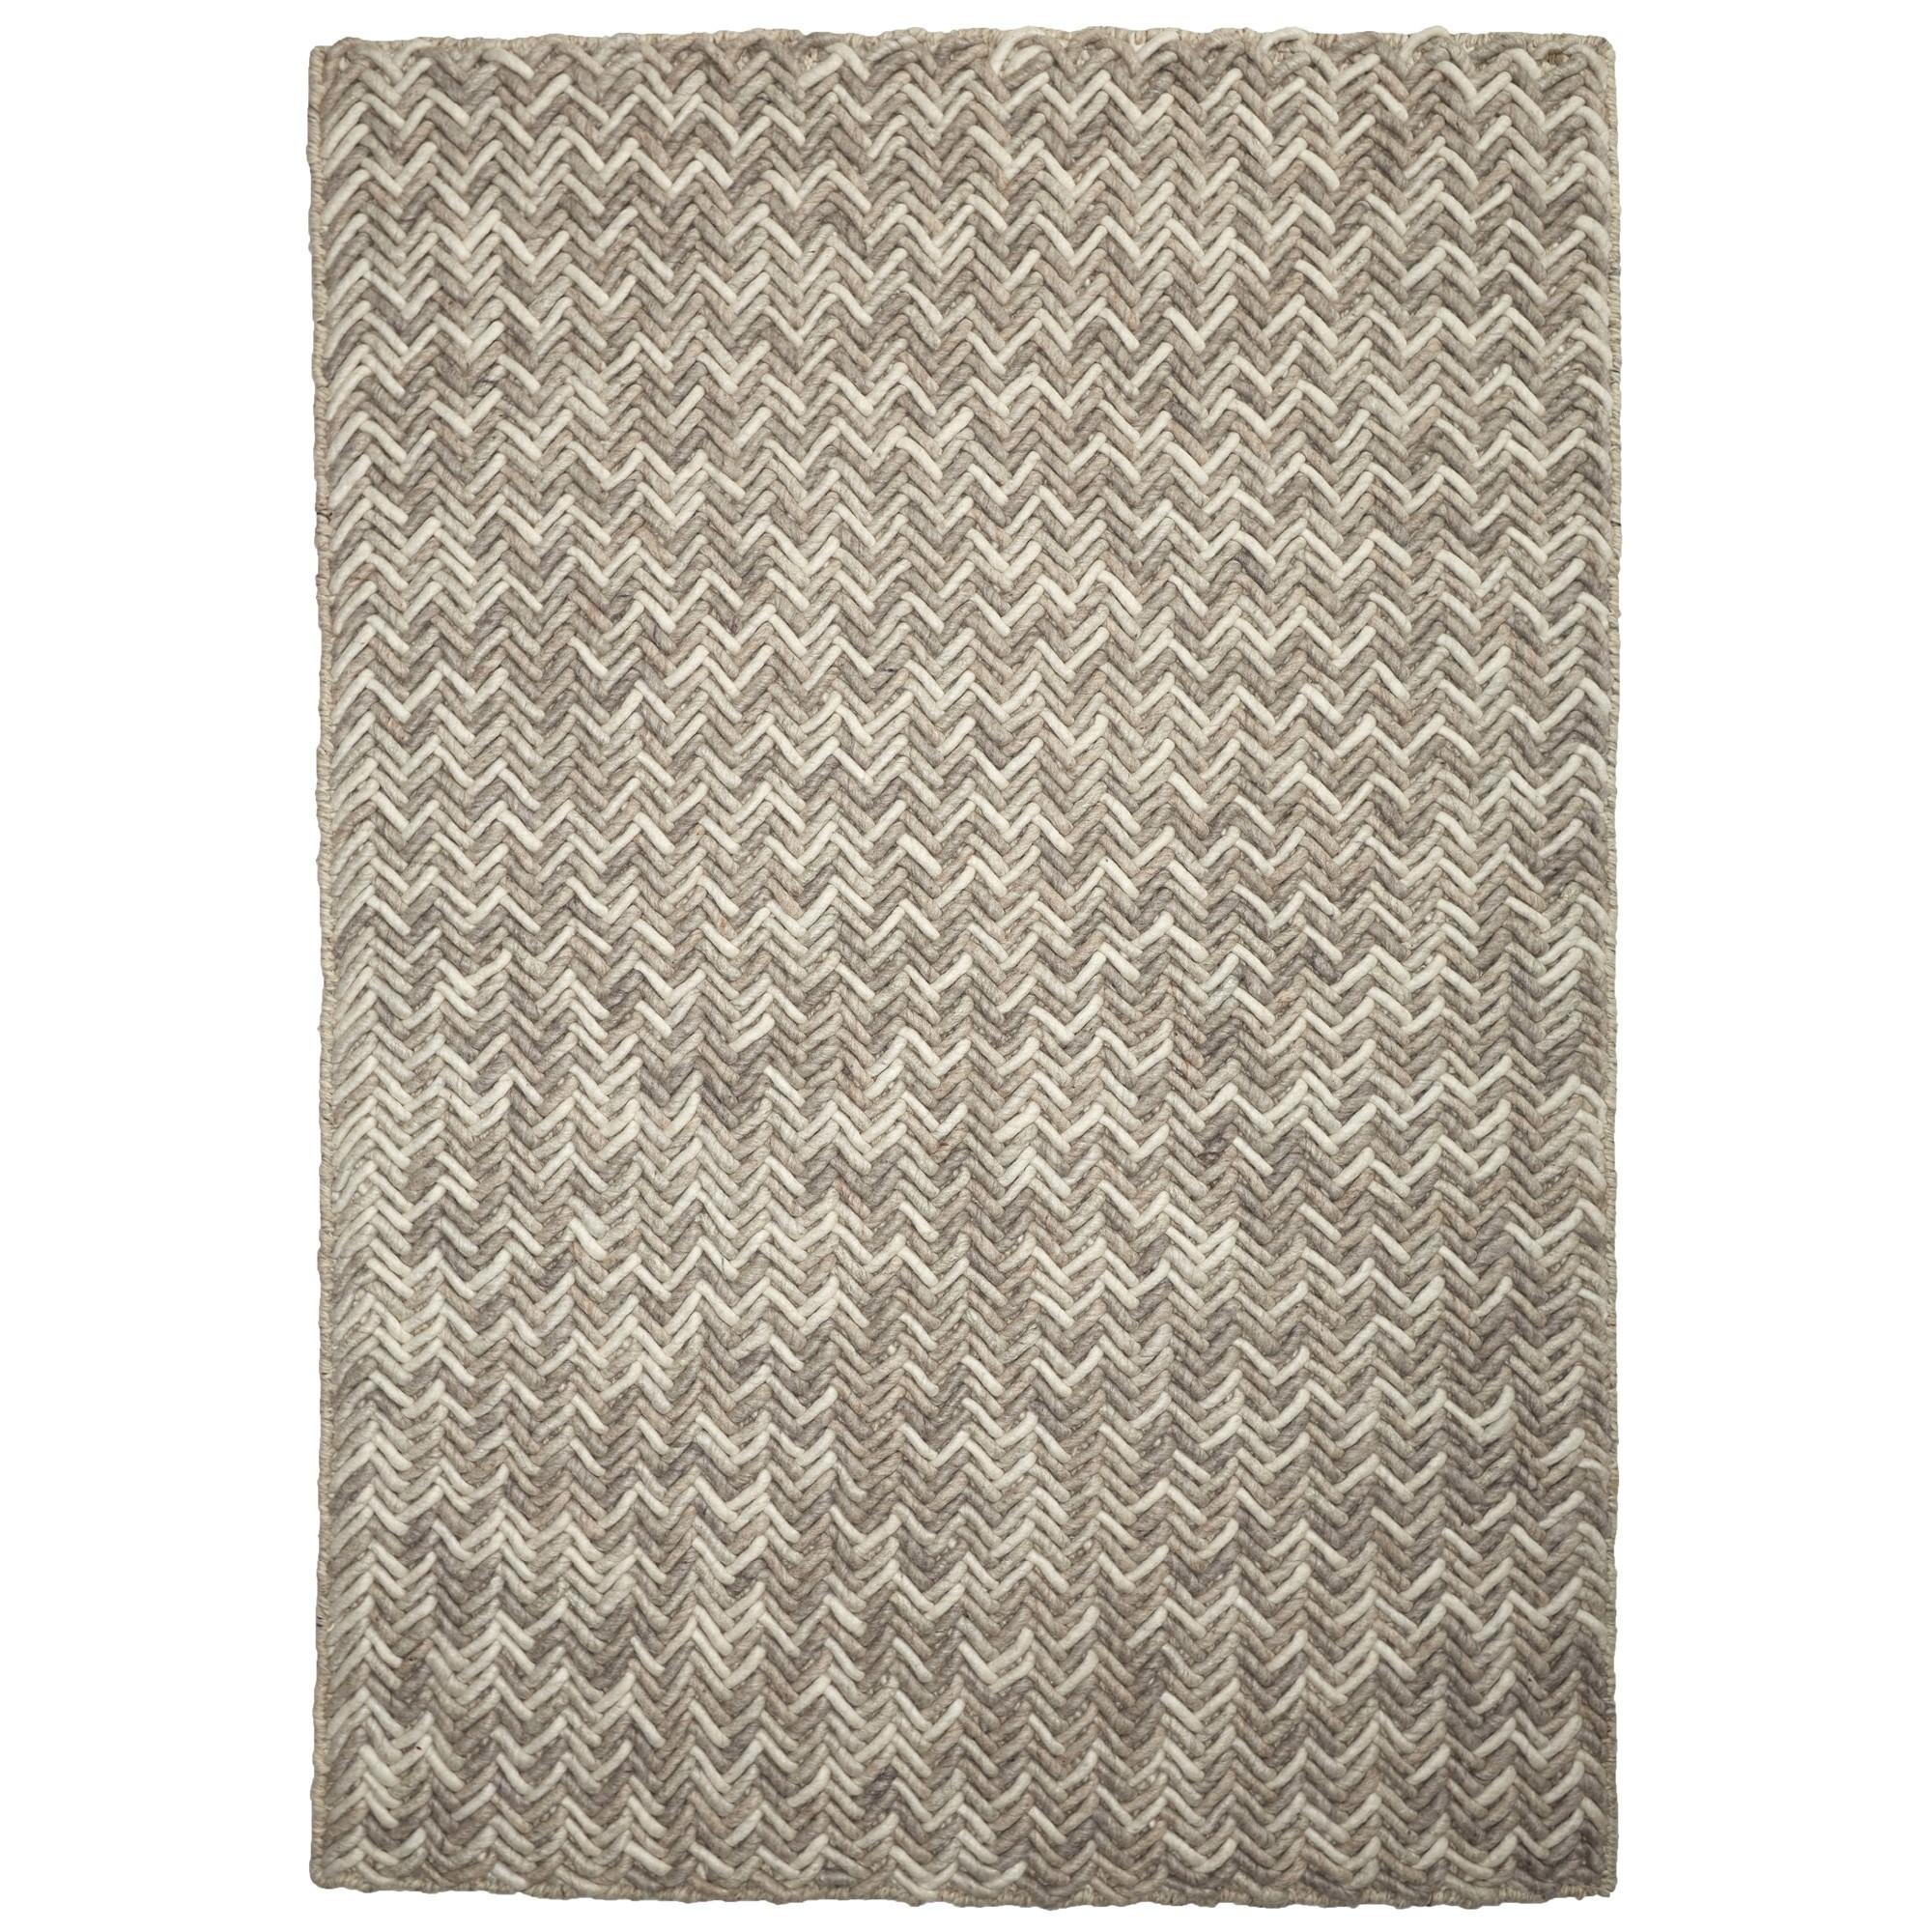 Crisscross Handwoven Wool Rug, 290x200cm